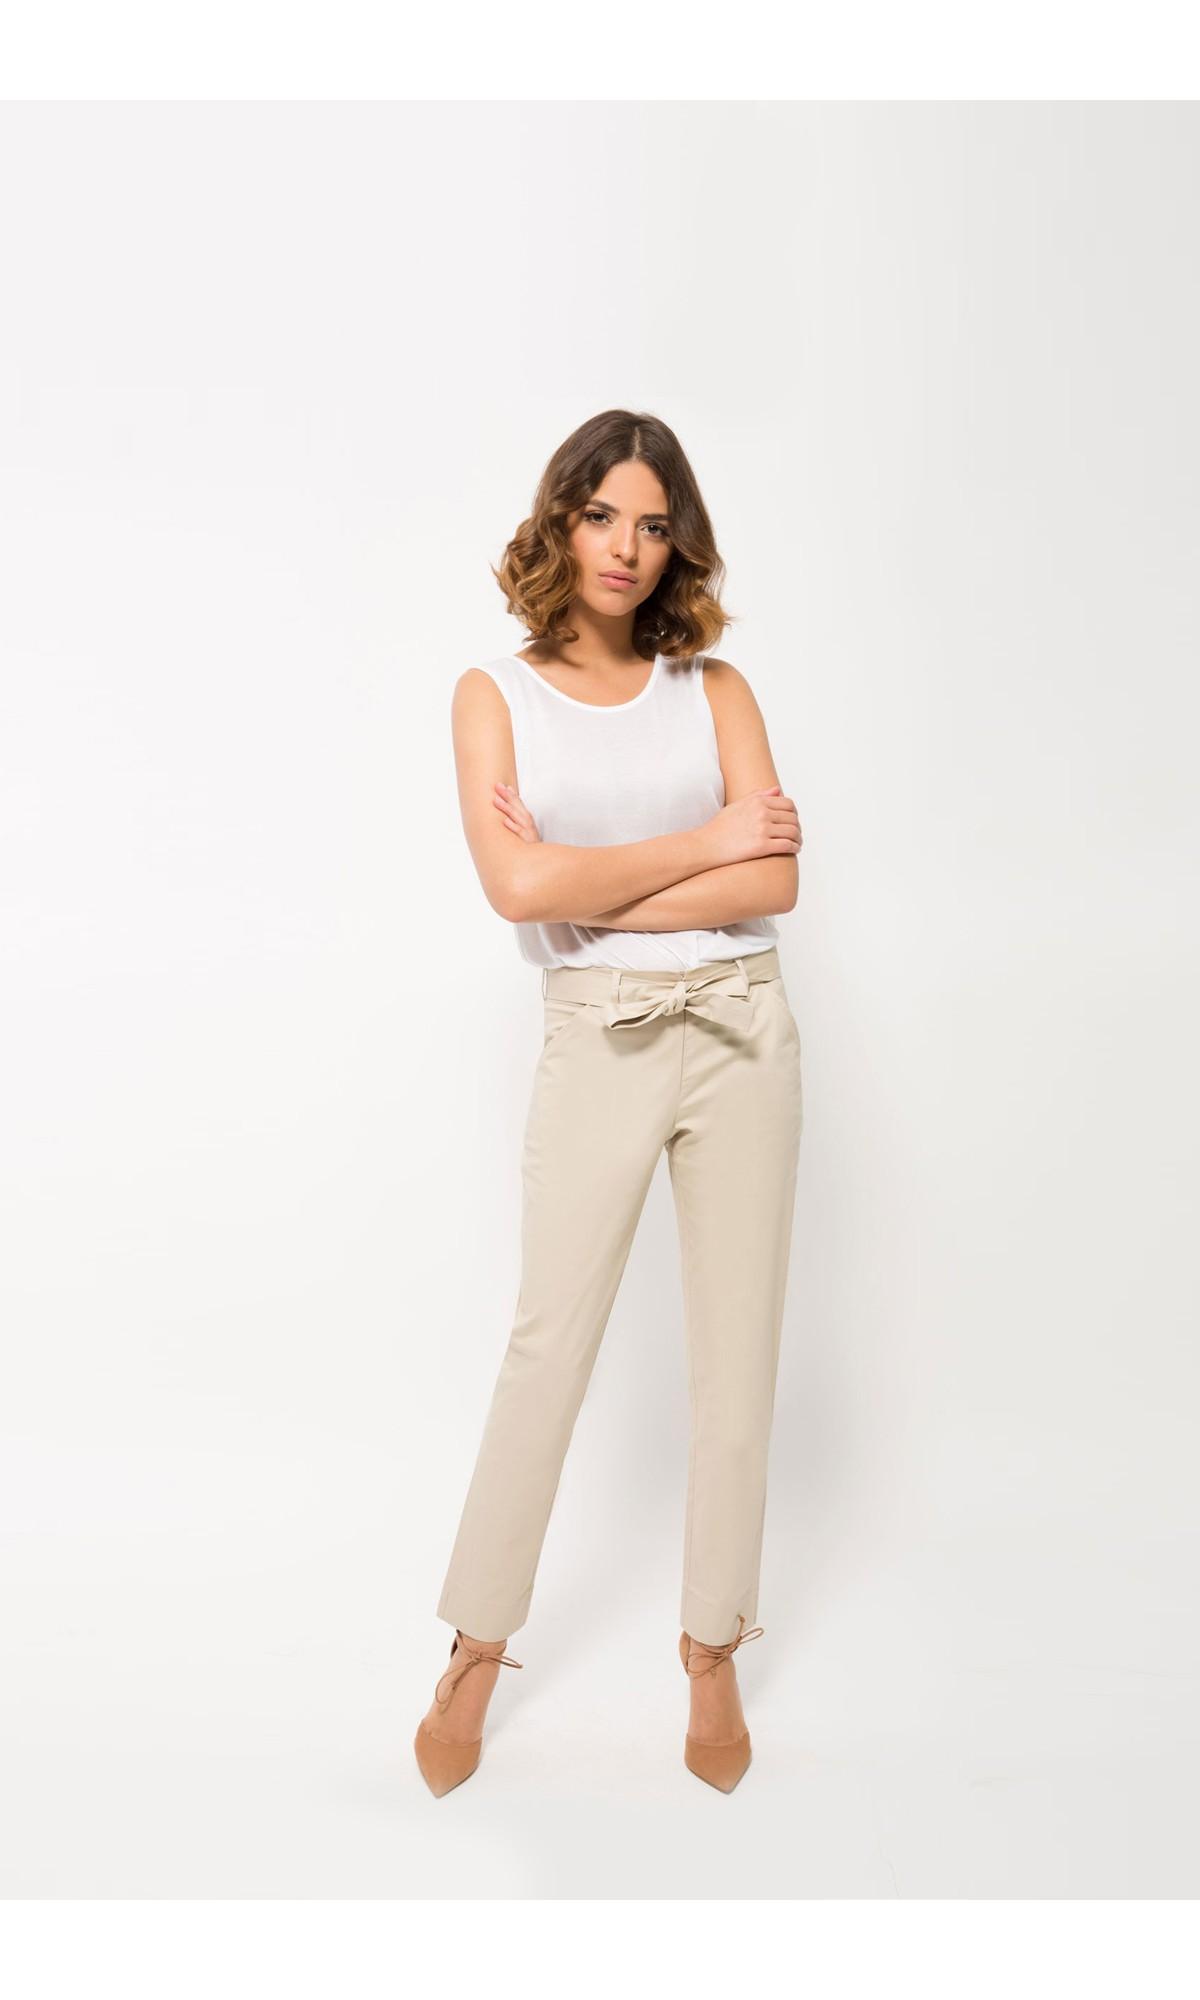 Spodnie cygaretki w kolorze waniliowym